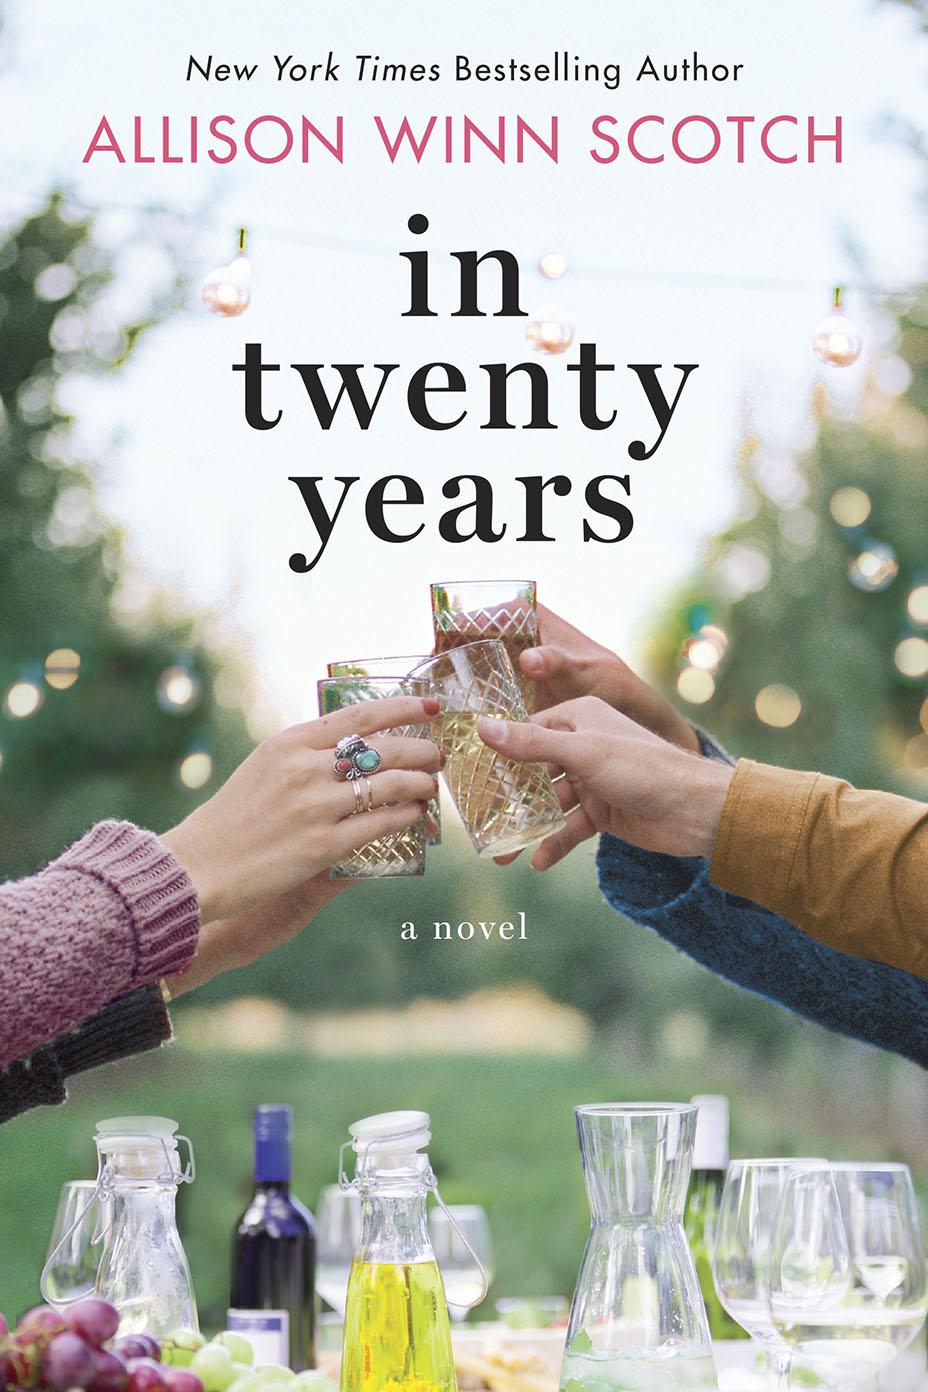 IN TWENTY YEARS by Allison Winn Scotch-Book Cover-P 2016